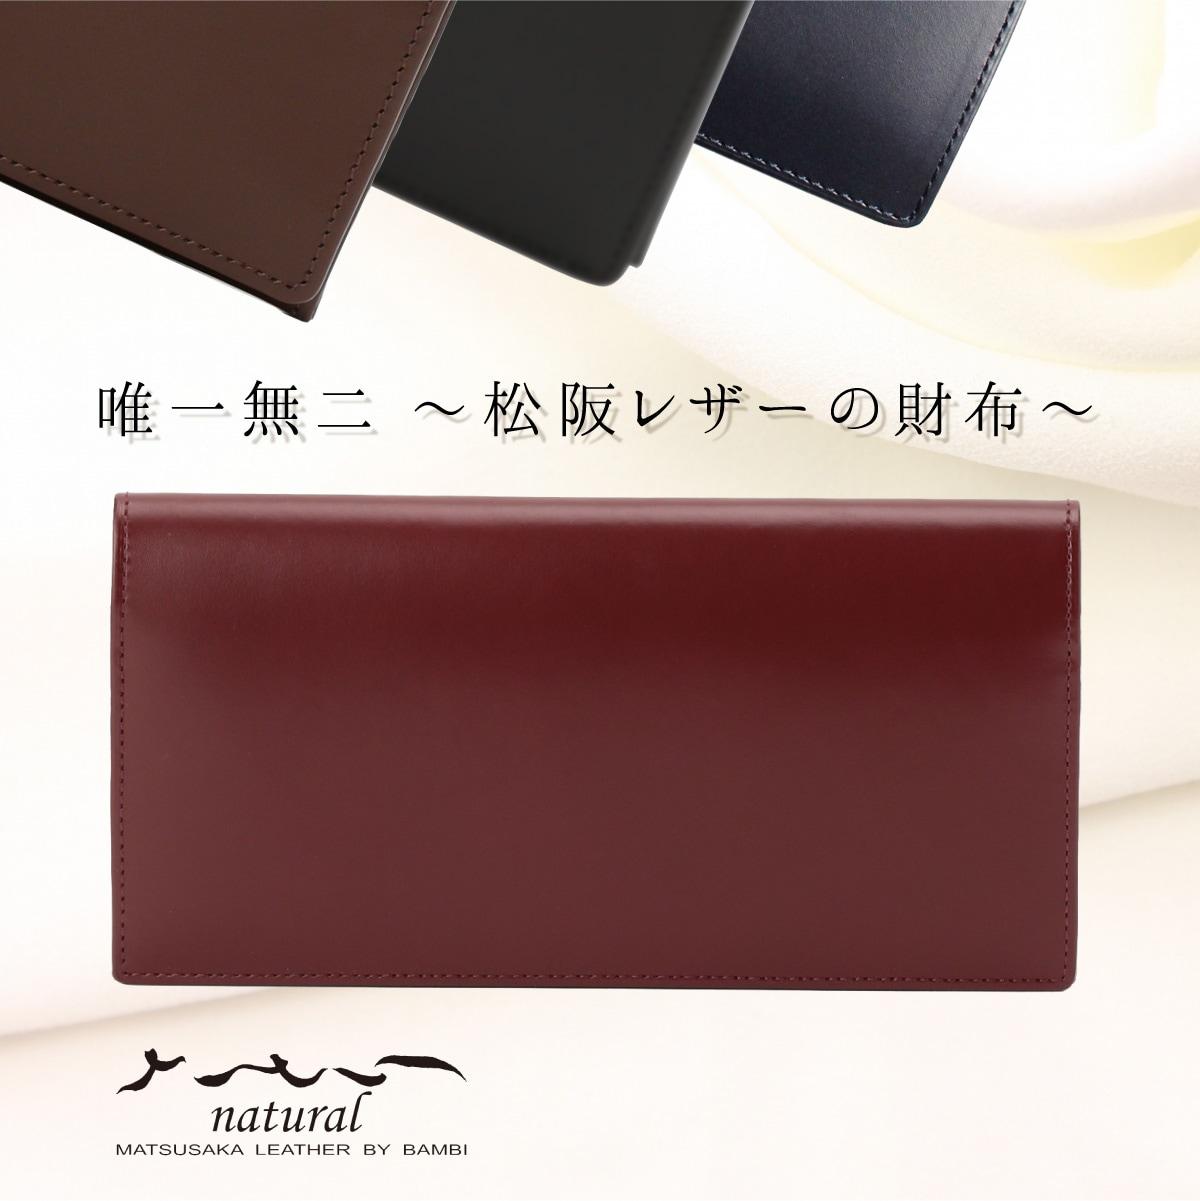 松阪レザーのプレミアム財布 さとりナチュラル 長財布 【カラー:葡萄】 開運グッズ